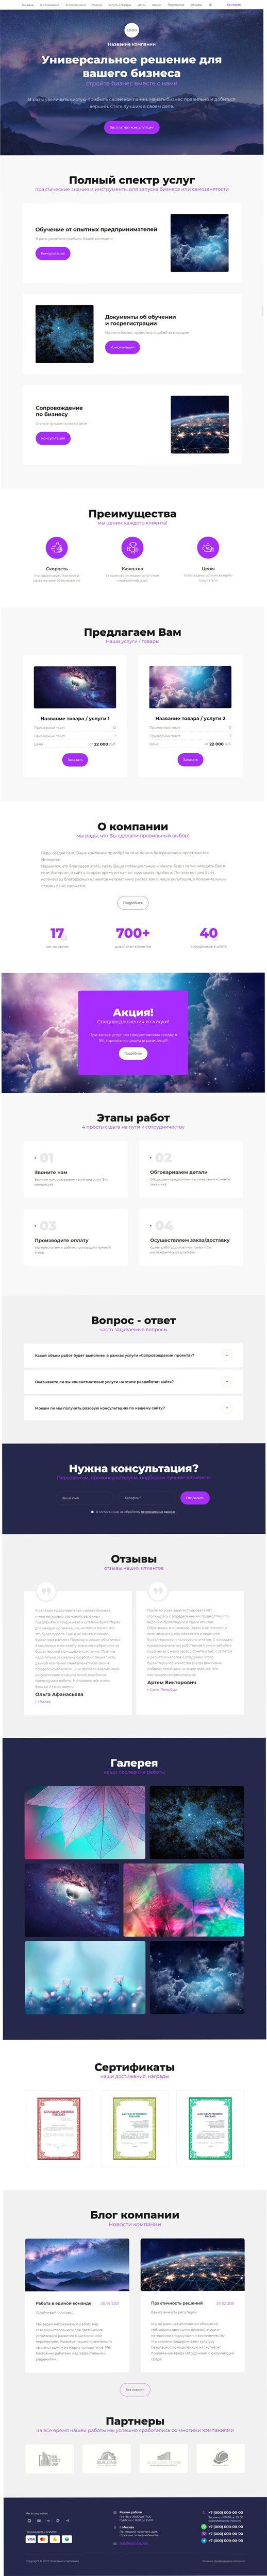 Готовый Сайт-Бизнес #3002427 - Универсальный дизайн (Главная)